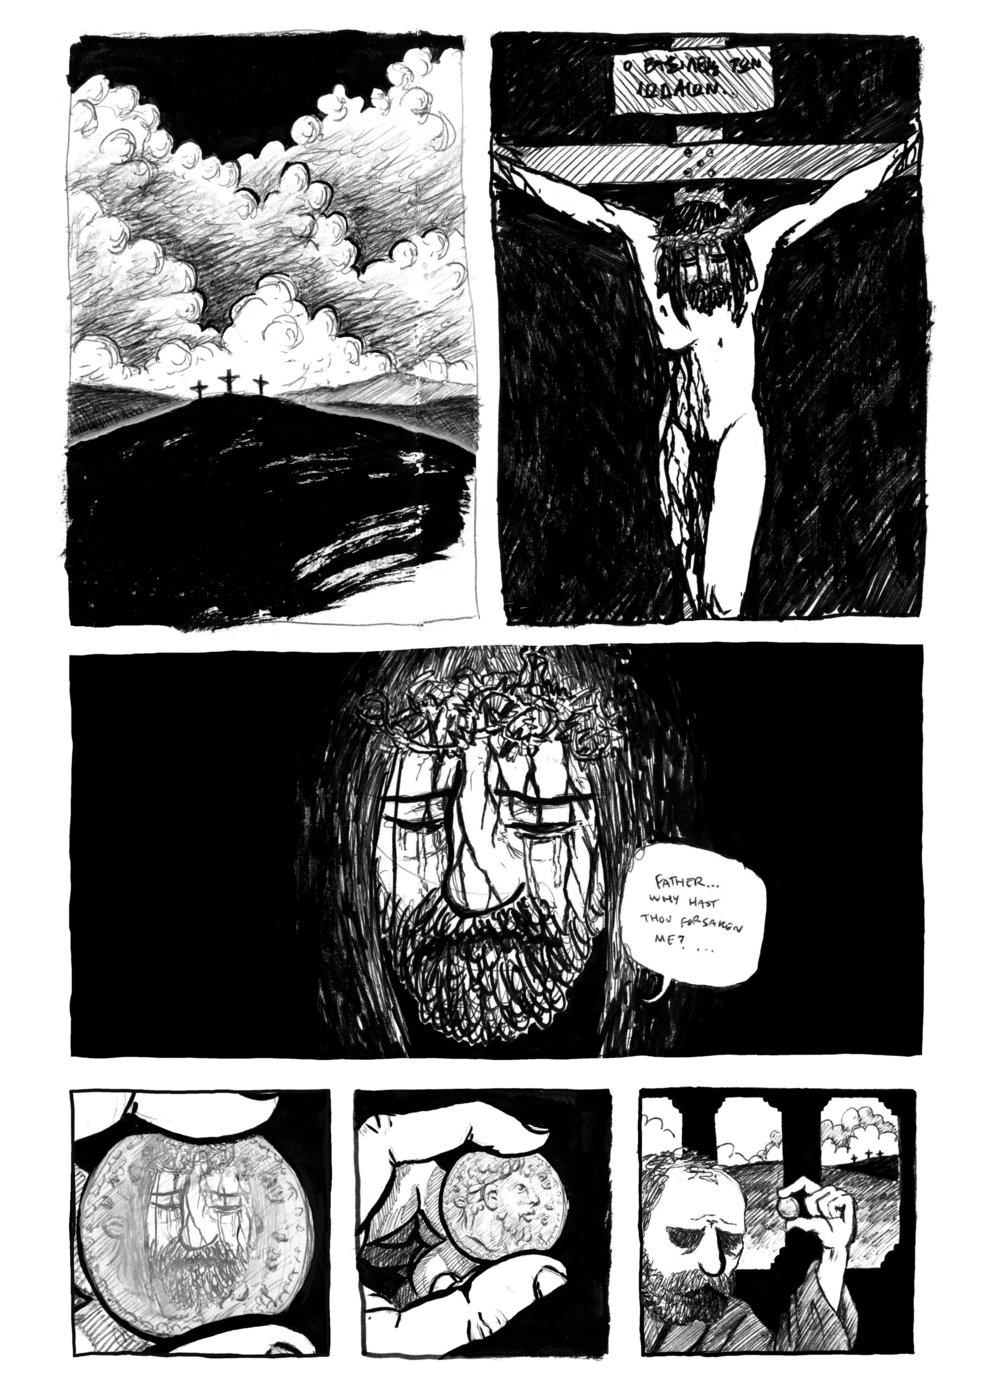 Judas Iscariot A4 p3.jpg